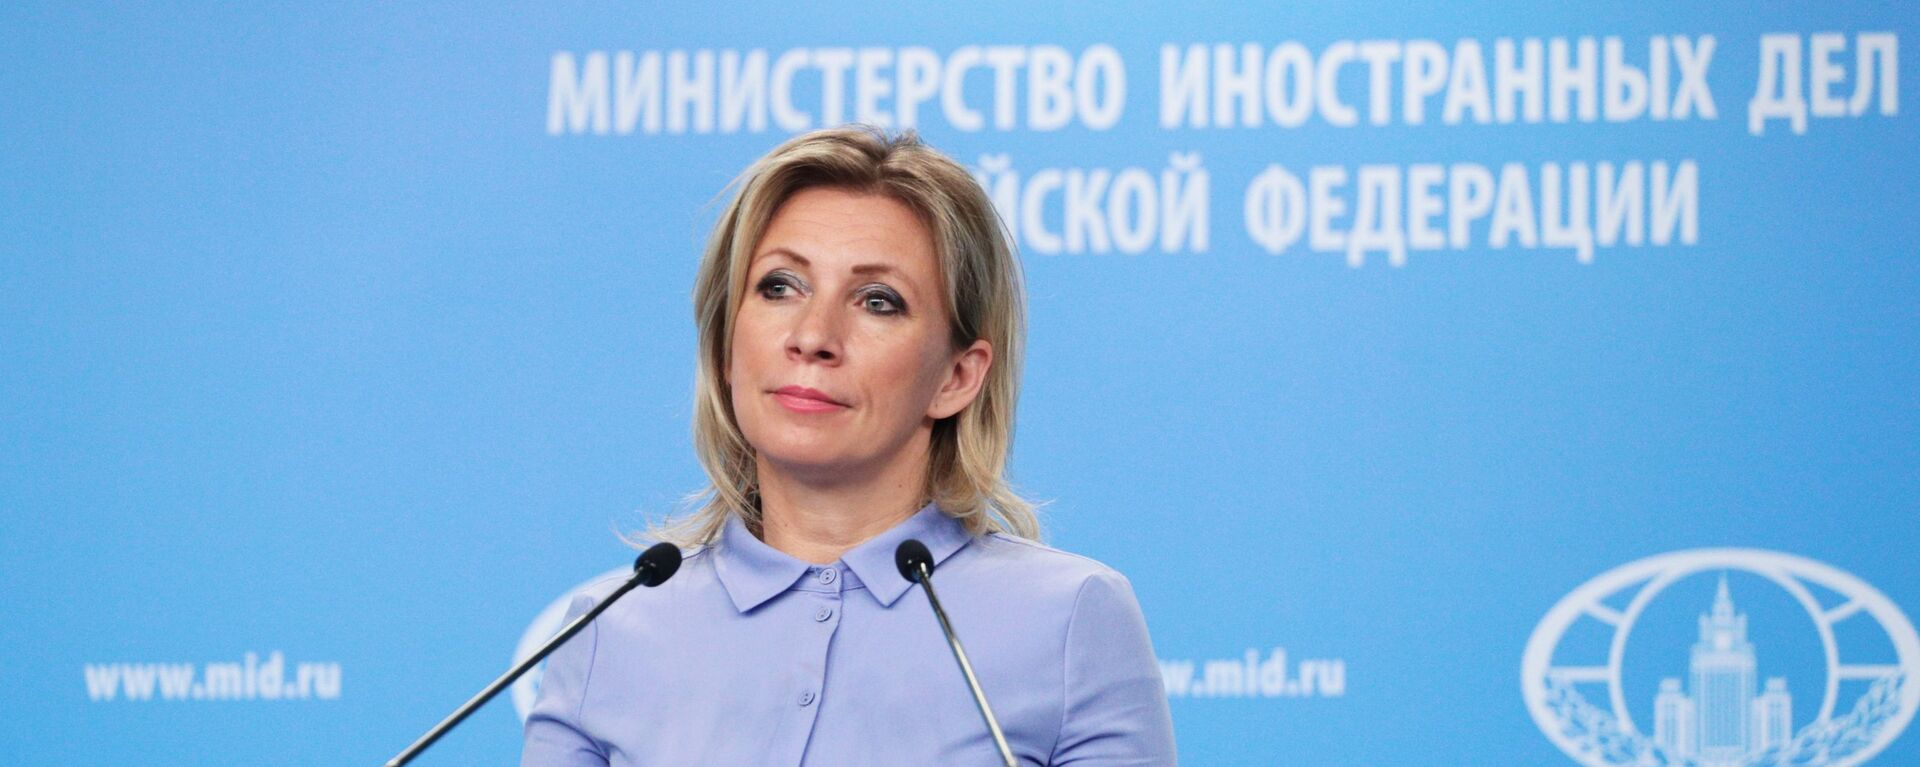 Официальный представитель Министерства иностранных дел России Мария Захарова - Sputnik Latvija, 1920, 02.05.2021